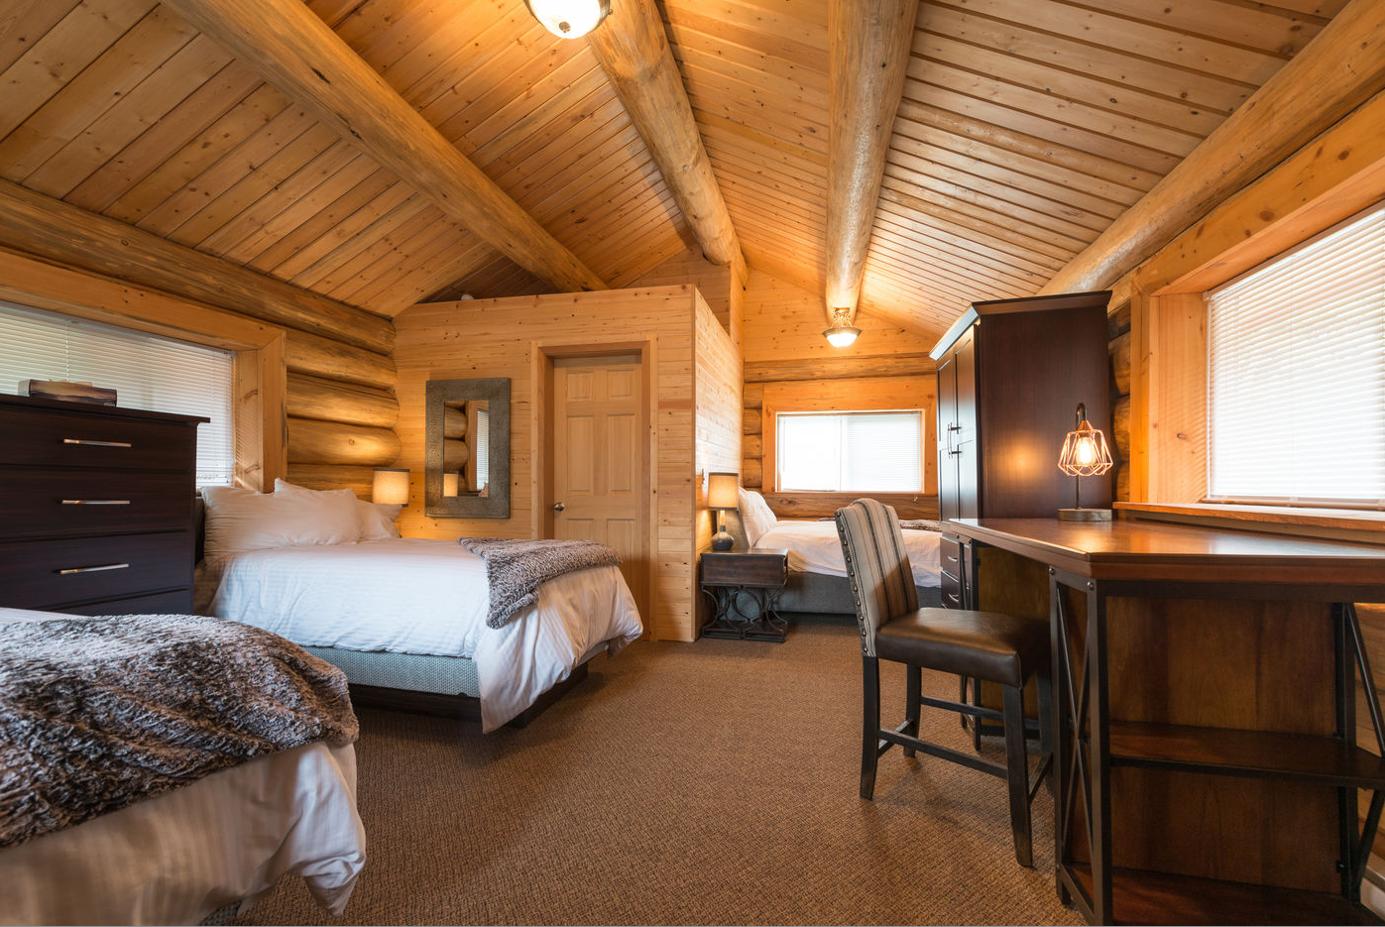 Schöner Wohnen: Die Skeena Salmon Lodge wurde komplett im typisch kanadischen Stil renoviert. Sogar Sauna und Whirlpool sind vorhanden!